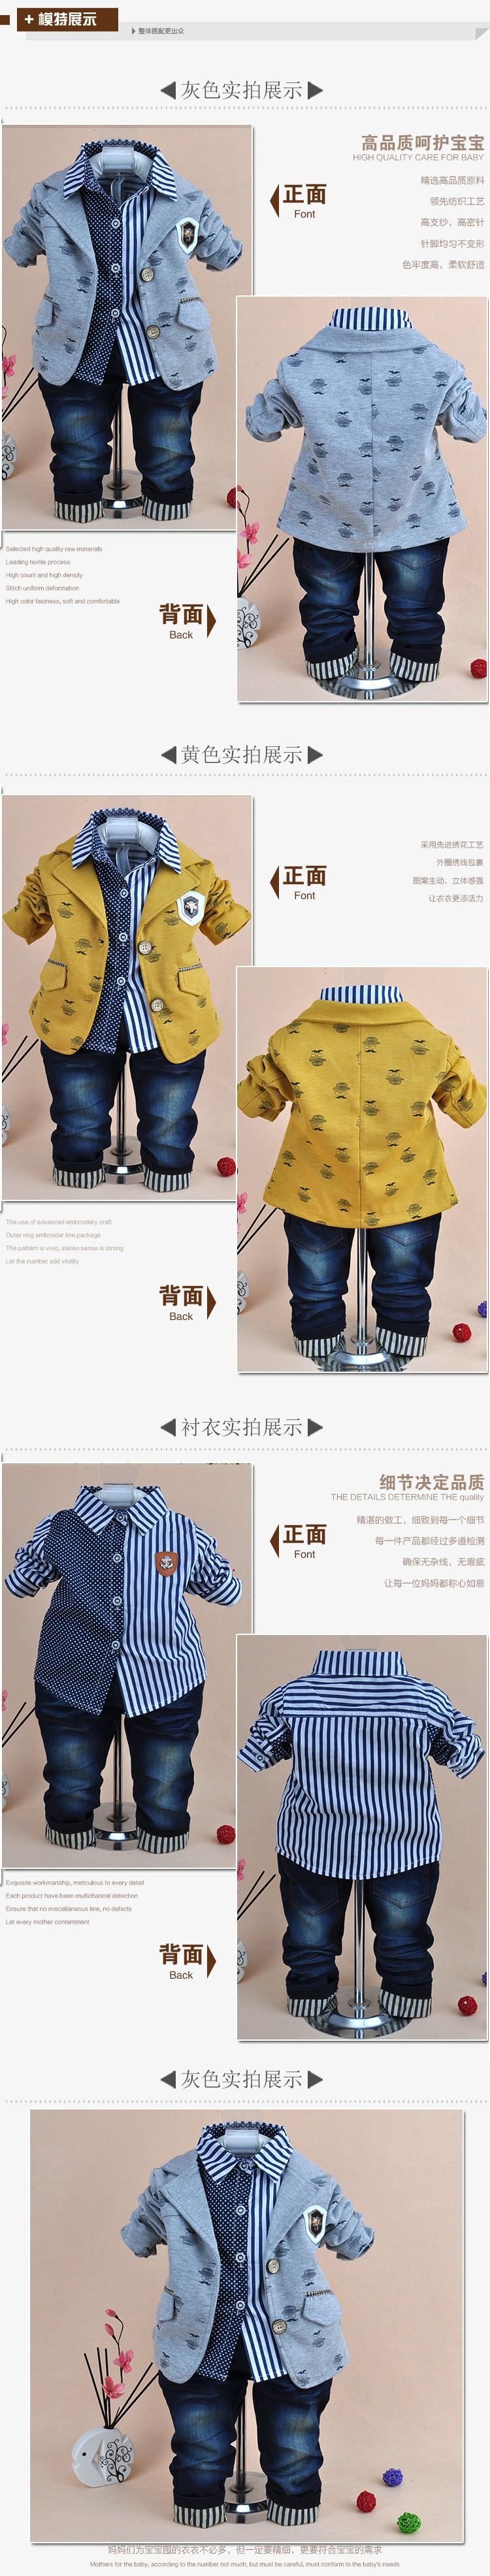 Скидки на 0-5Y ребенка мальчик господа одежда набор 3 шт. мальчики одежда дети джинсы костюм комплект детской одежды мальчиков платья мальчик одежда